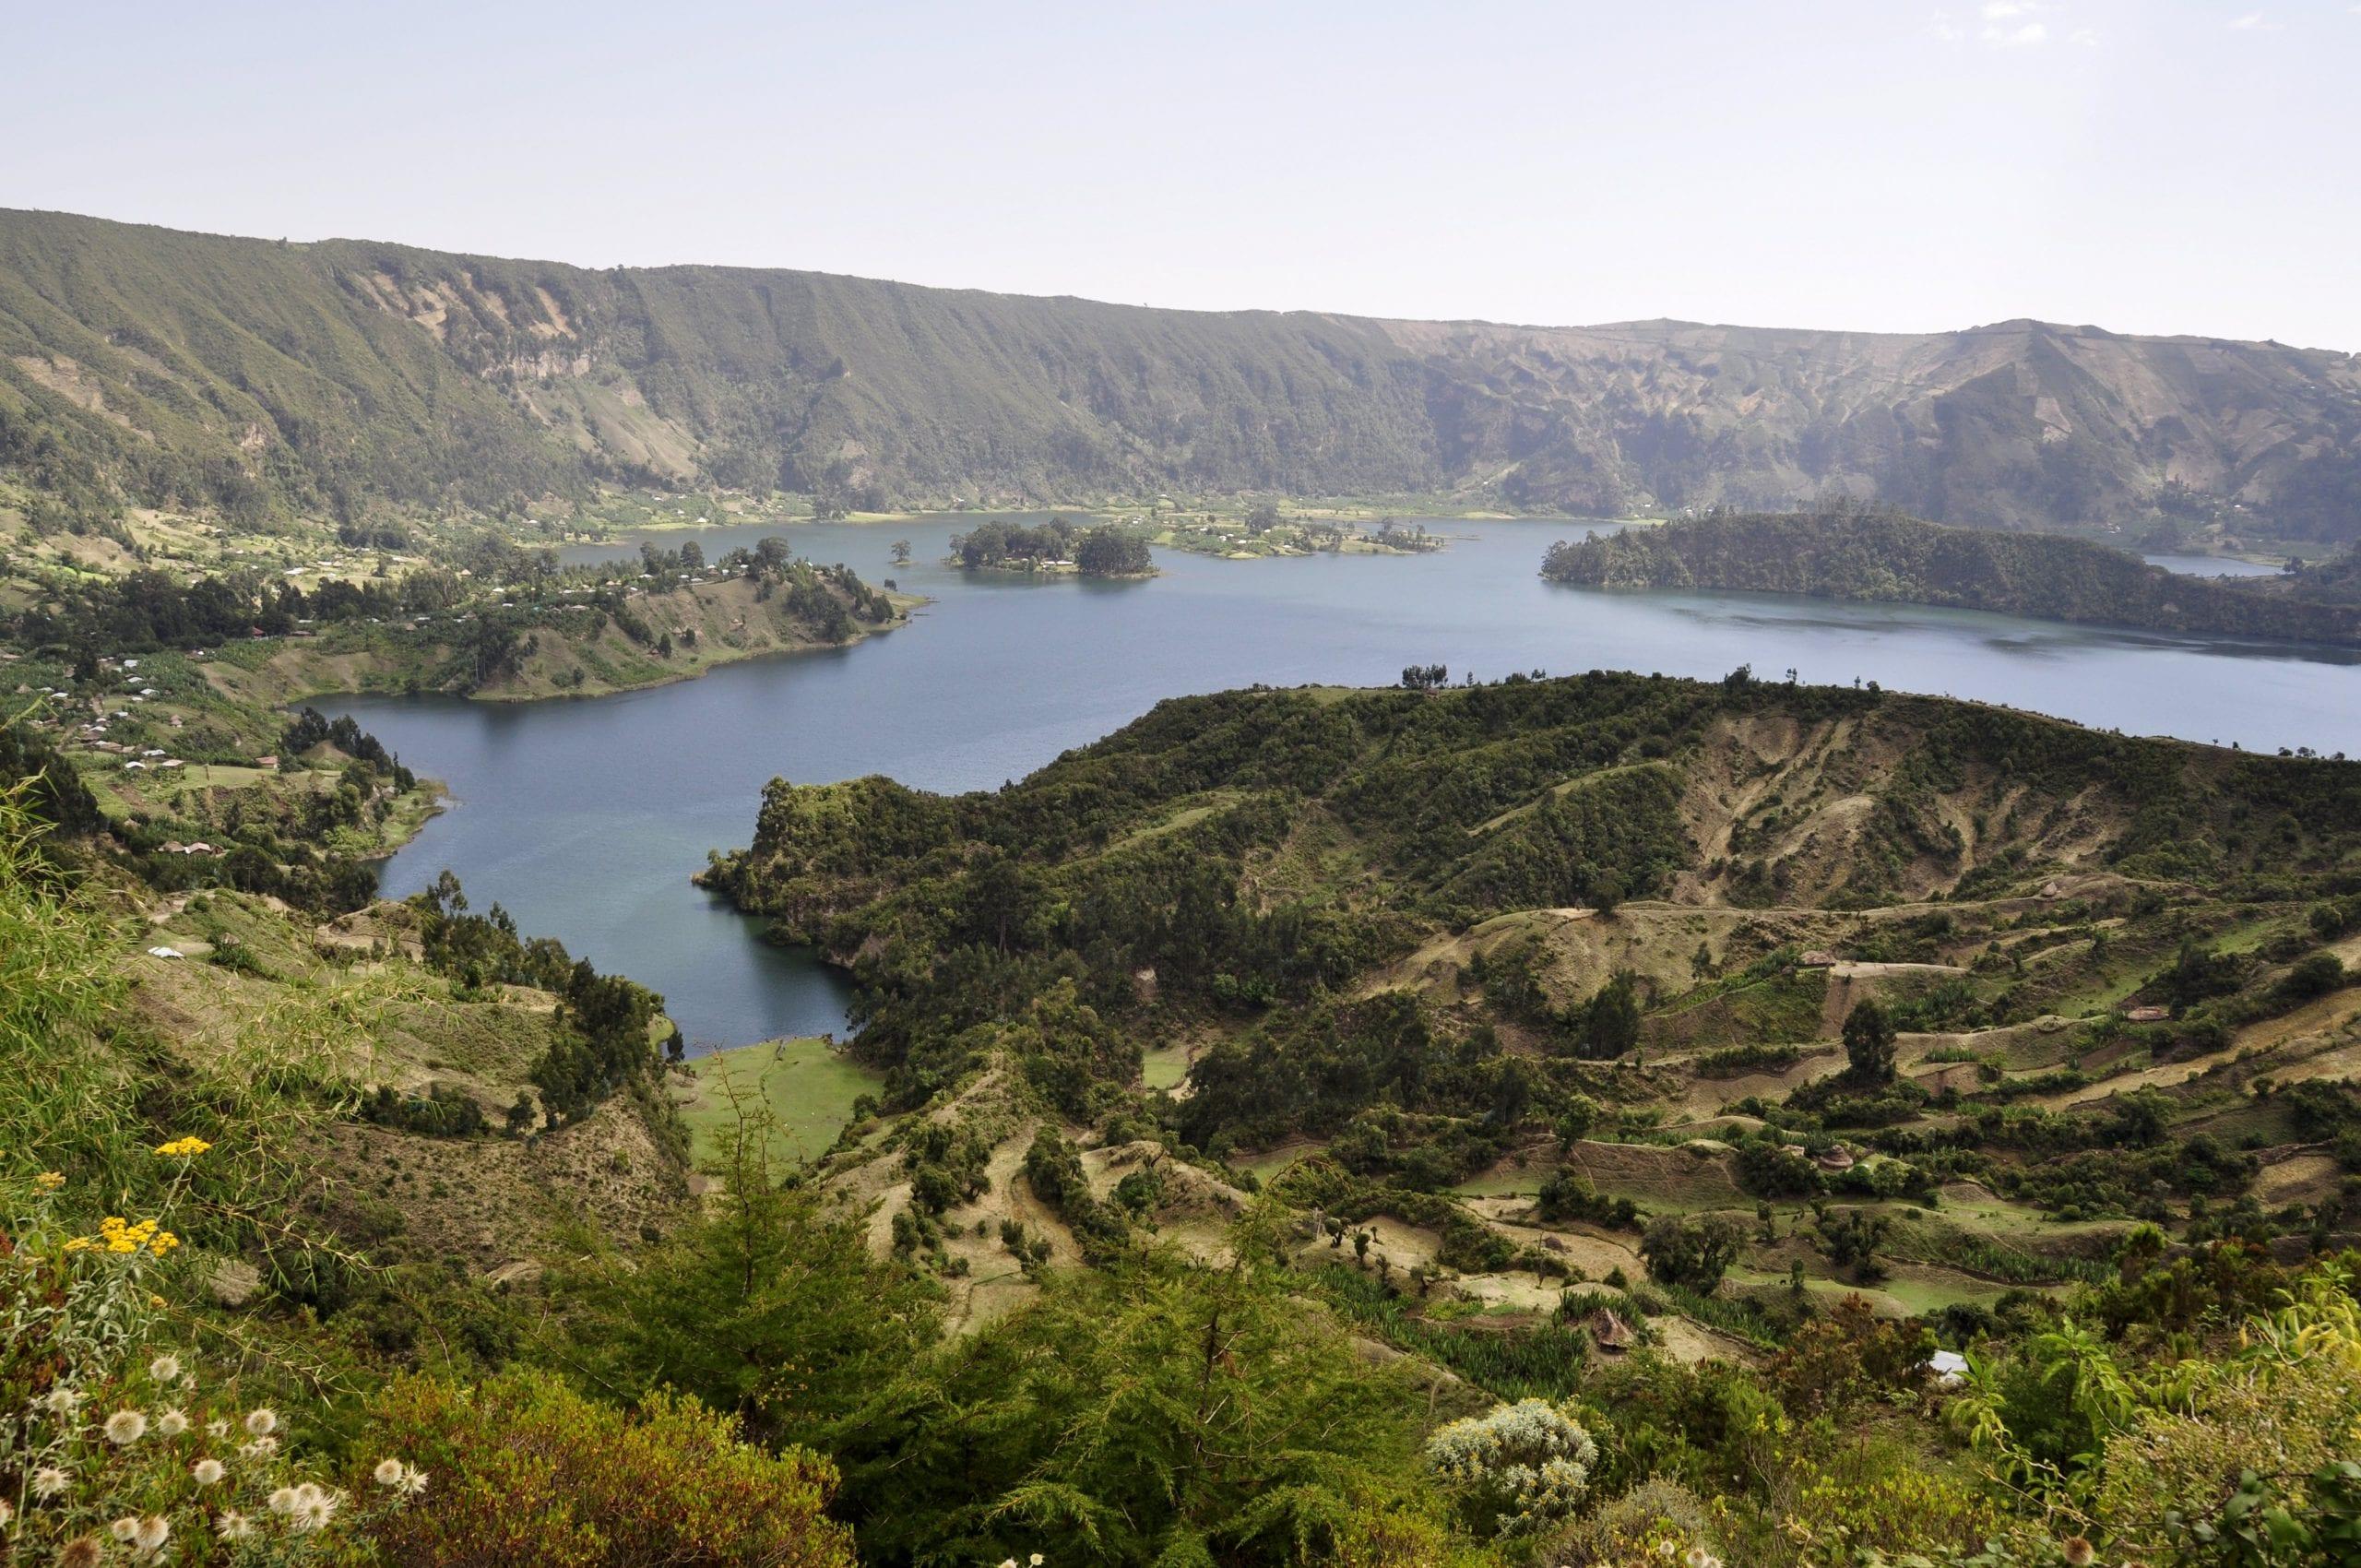 Waliso, Ethiopia